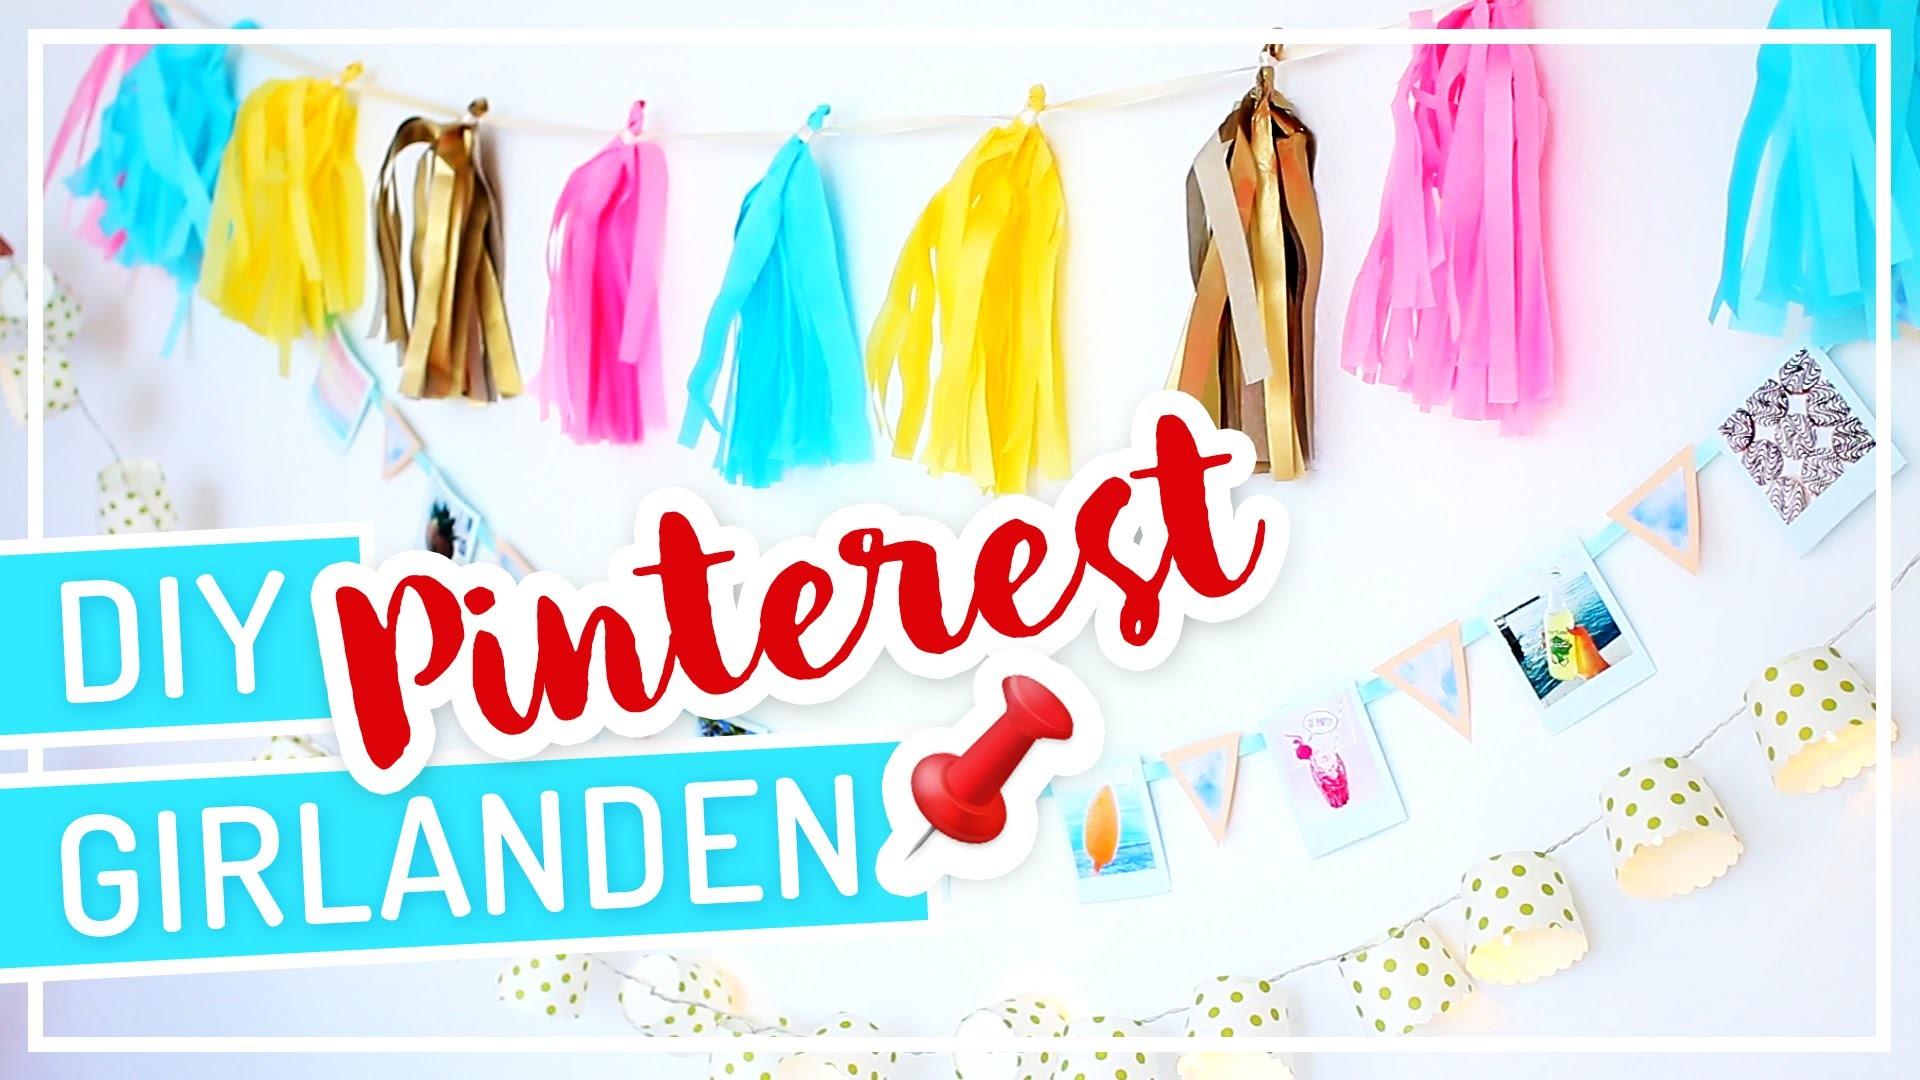 3 DIY Pinterest inspirierte Girlanden #TypischSissi